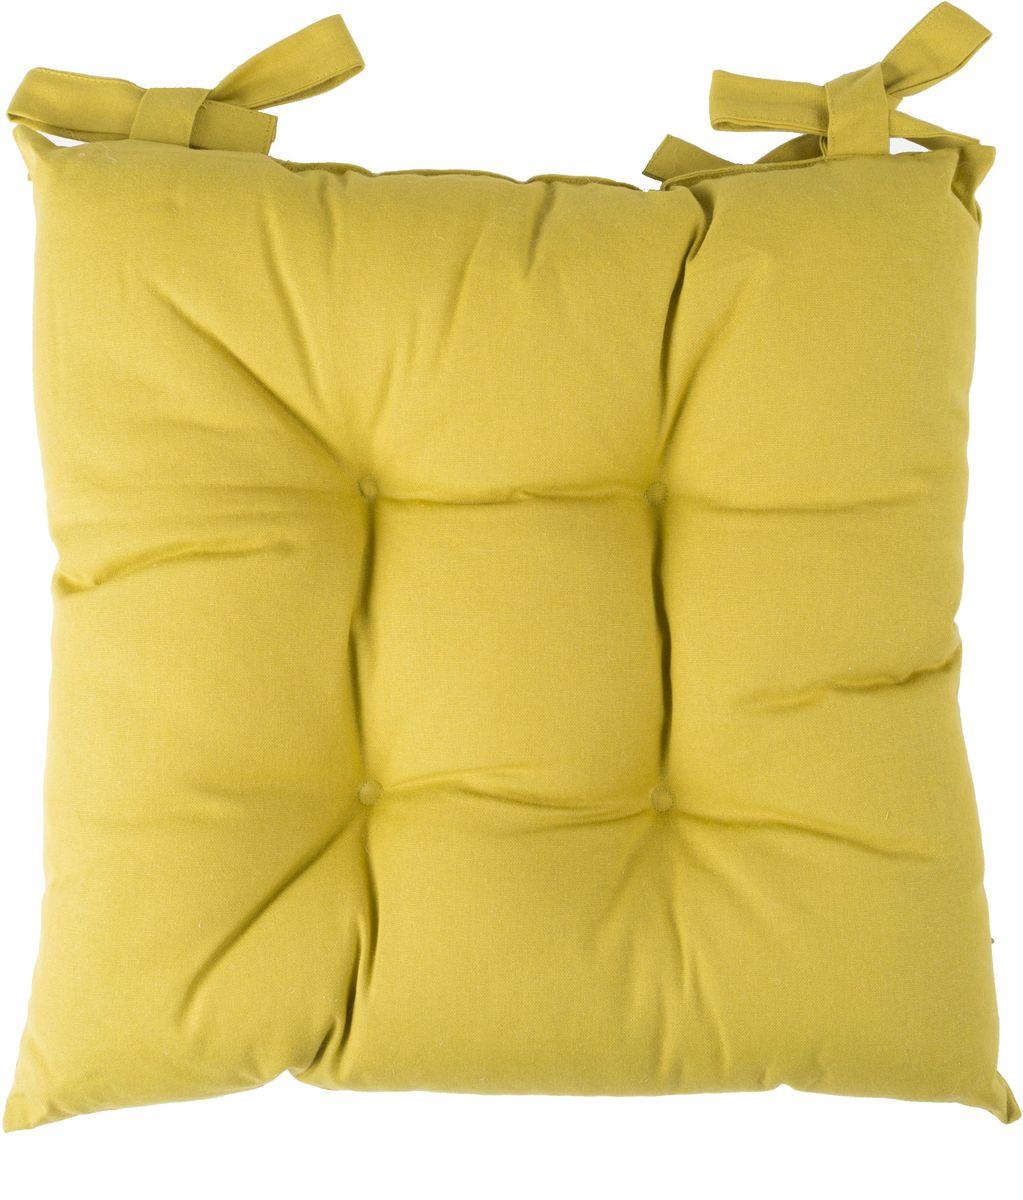 Подушка на стул Daily by Togas Стелла, 45 х 45 смK100СТЕЛЛА Сиденье для стула 45х45, 1 предмет, хлопок.